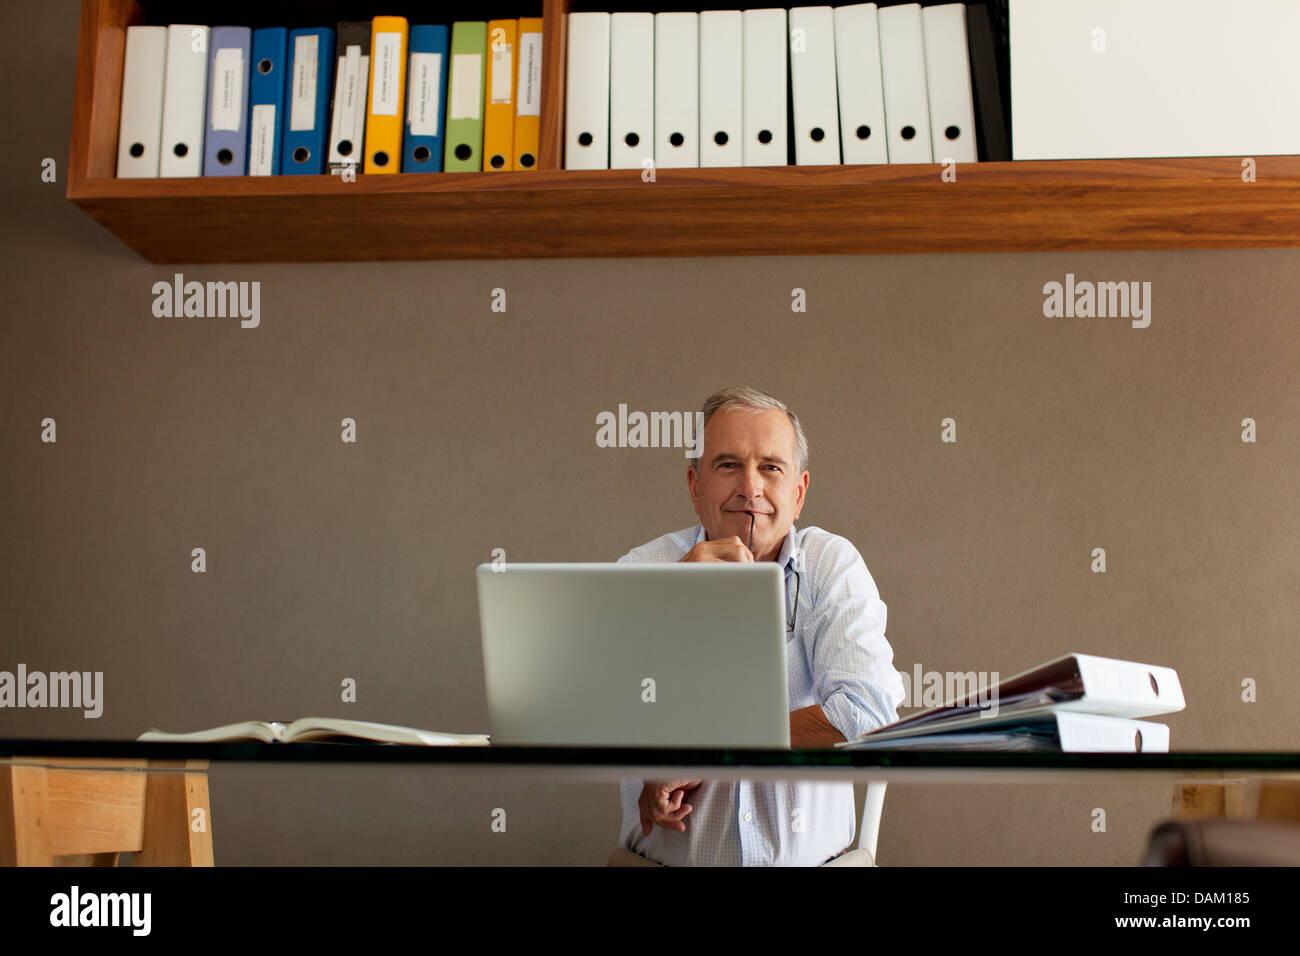 Older man sitting at desk - Stock Image